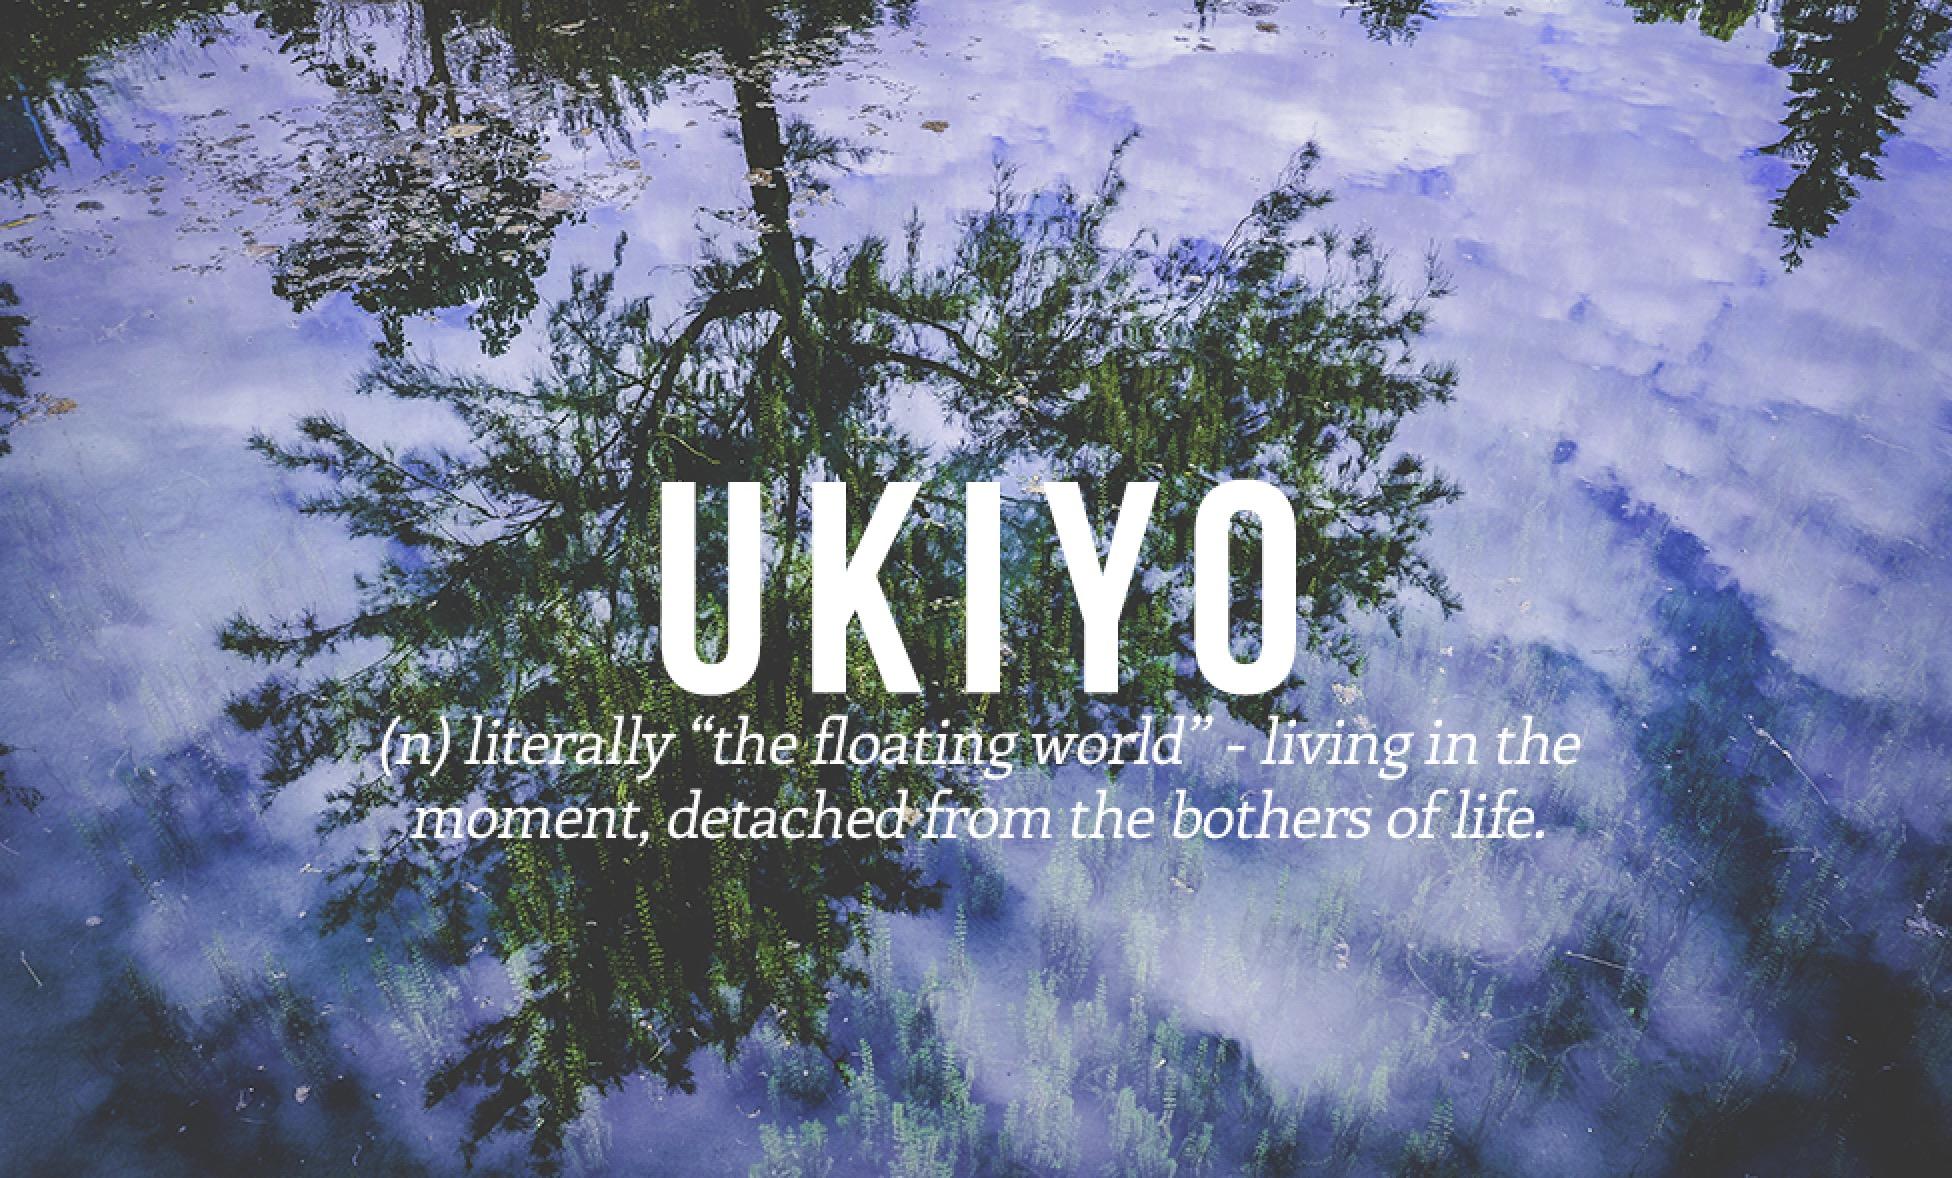 ukiyo-the-floating-world-meaning